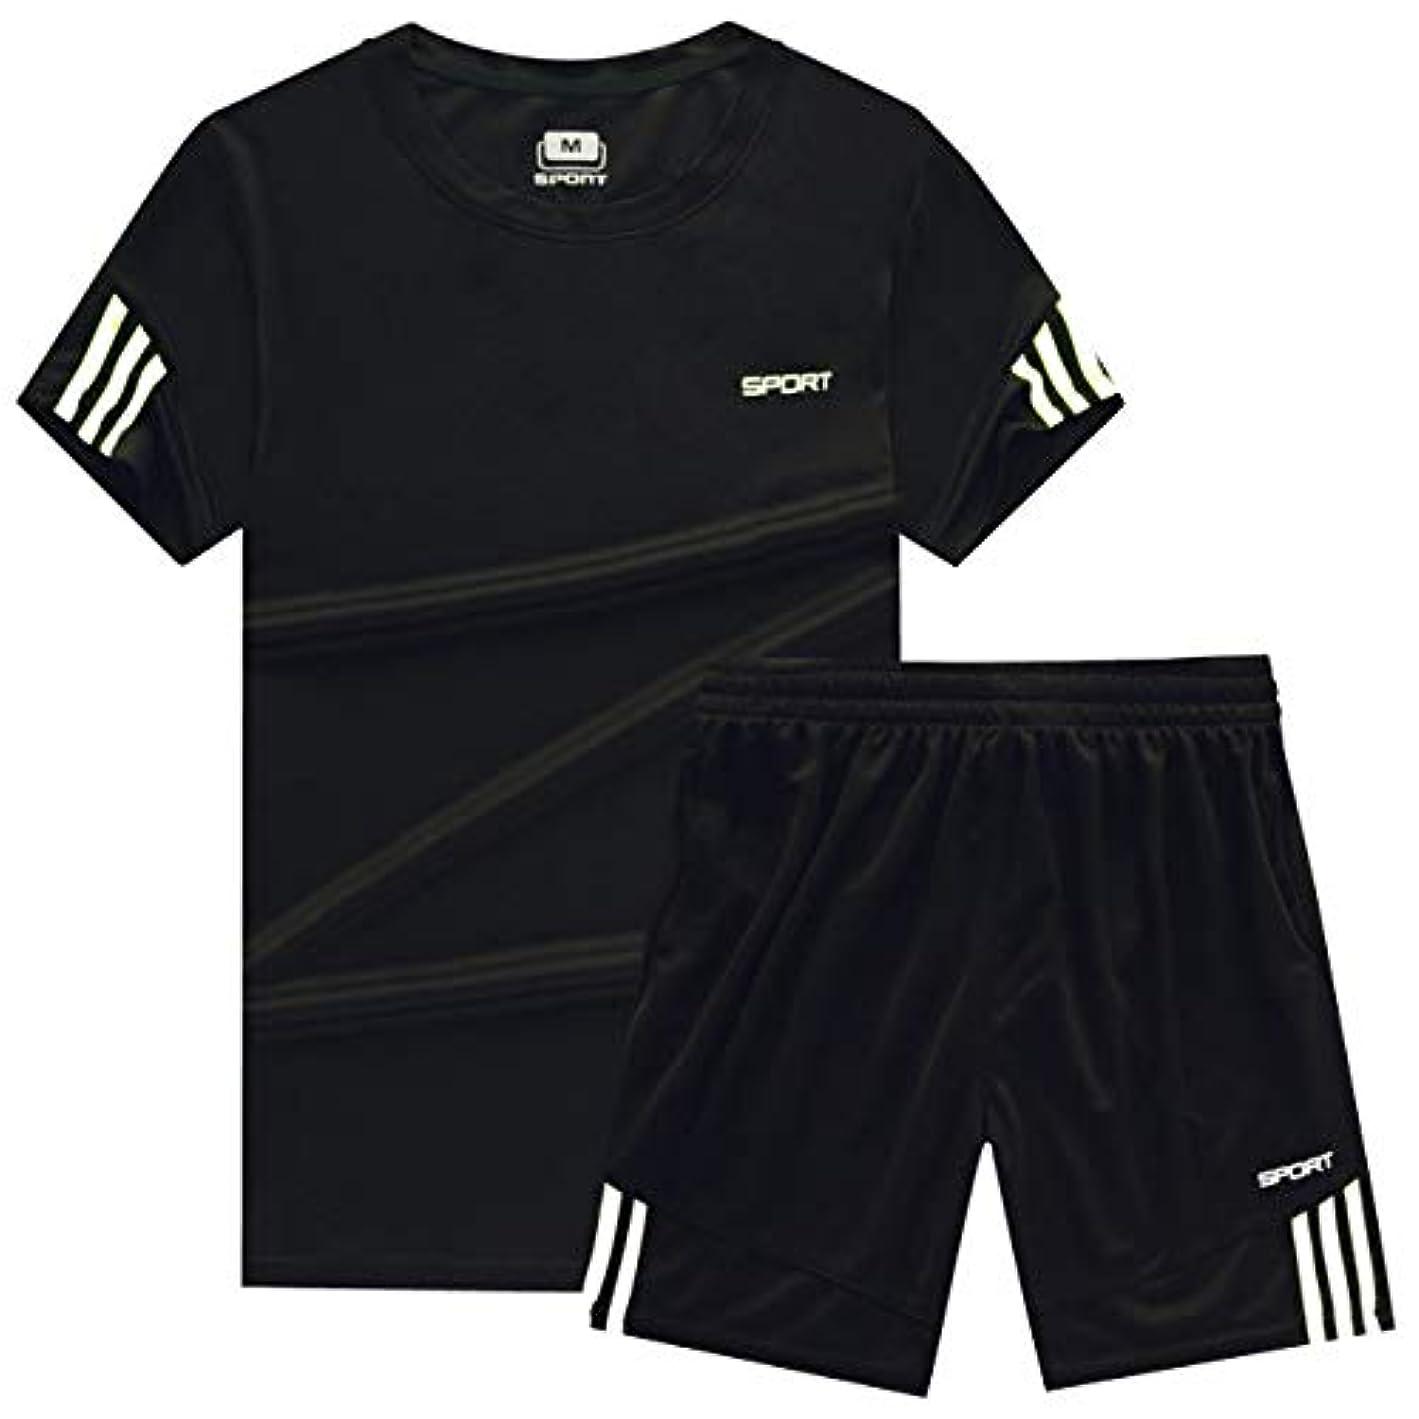 シンプトン状柔和[ココチエ] スポーツウェア メンズ 半袖 短パン 上下 tシャツ 大きめ セットアップ 部屋着 夏